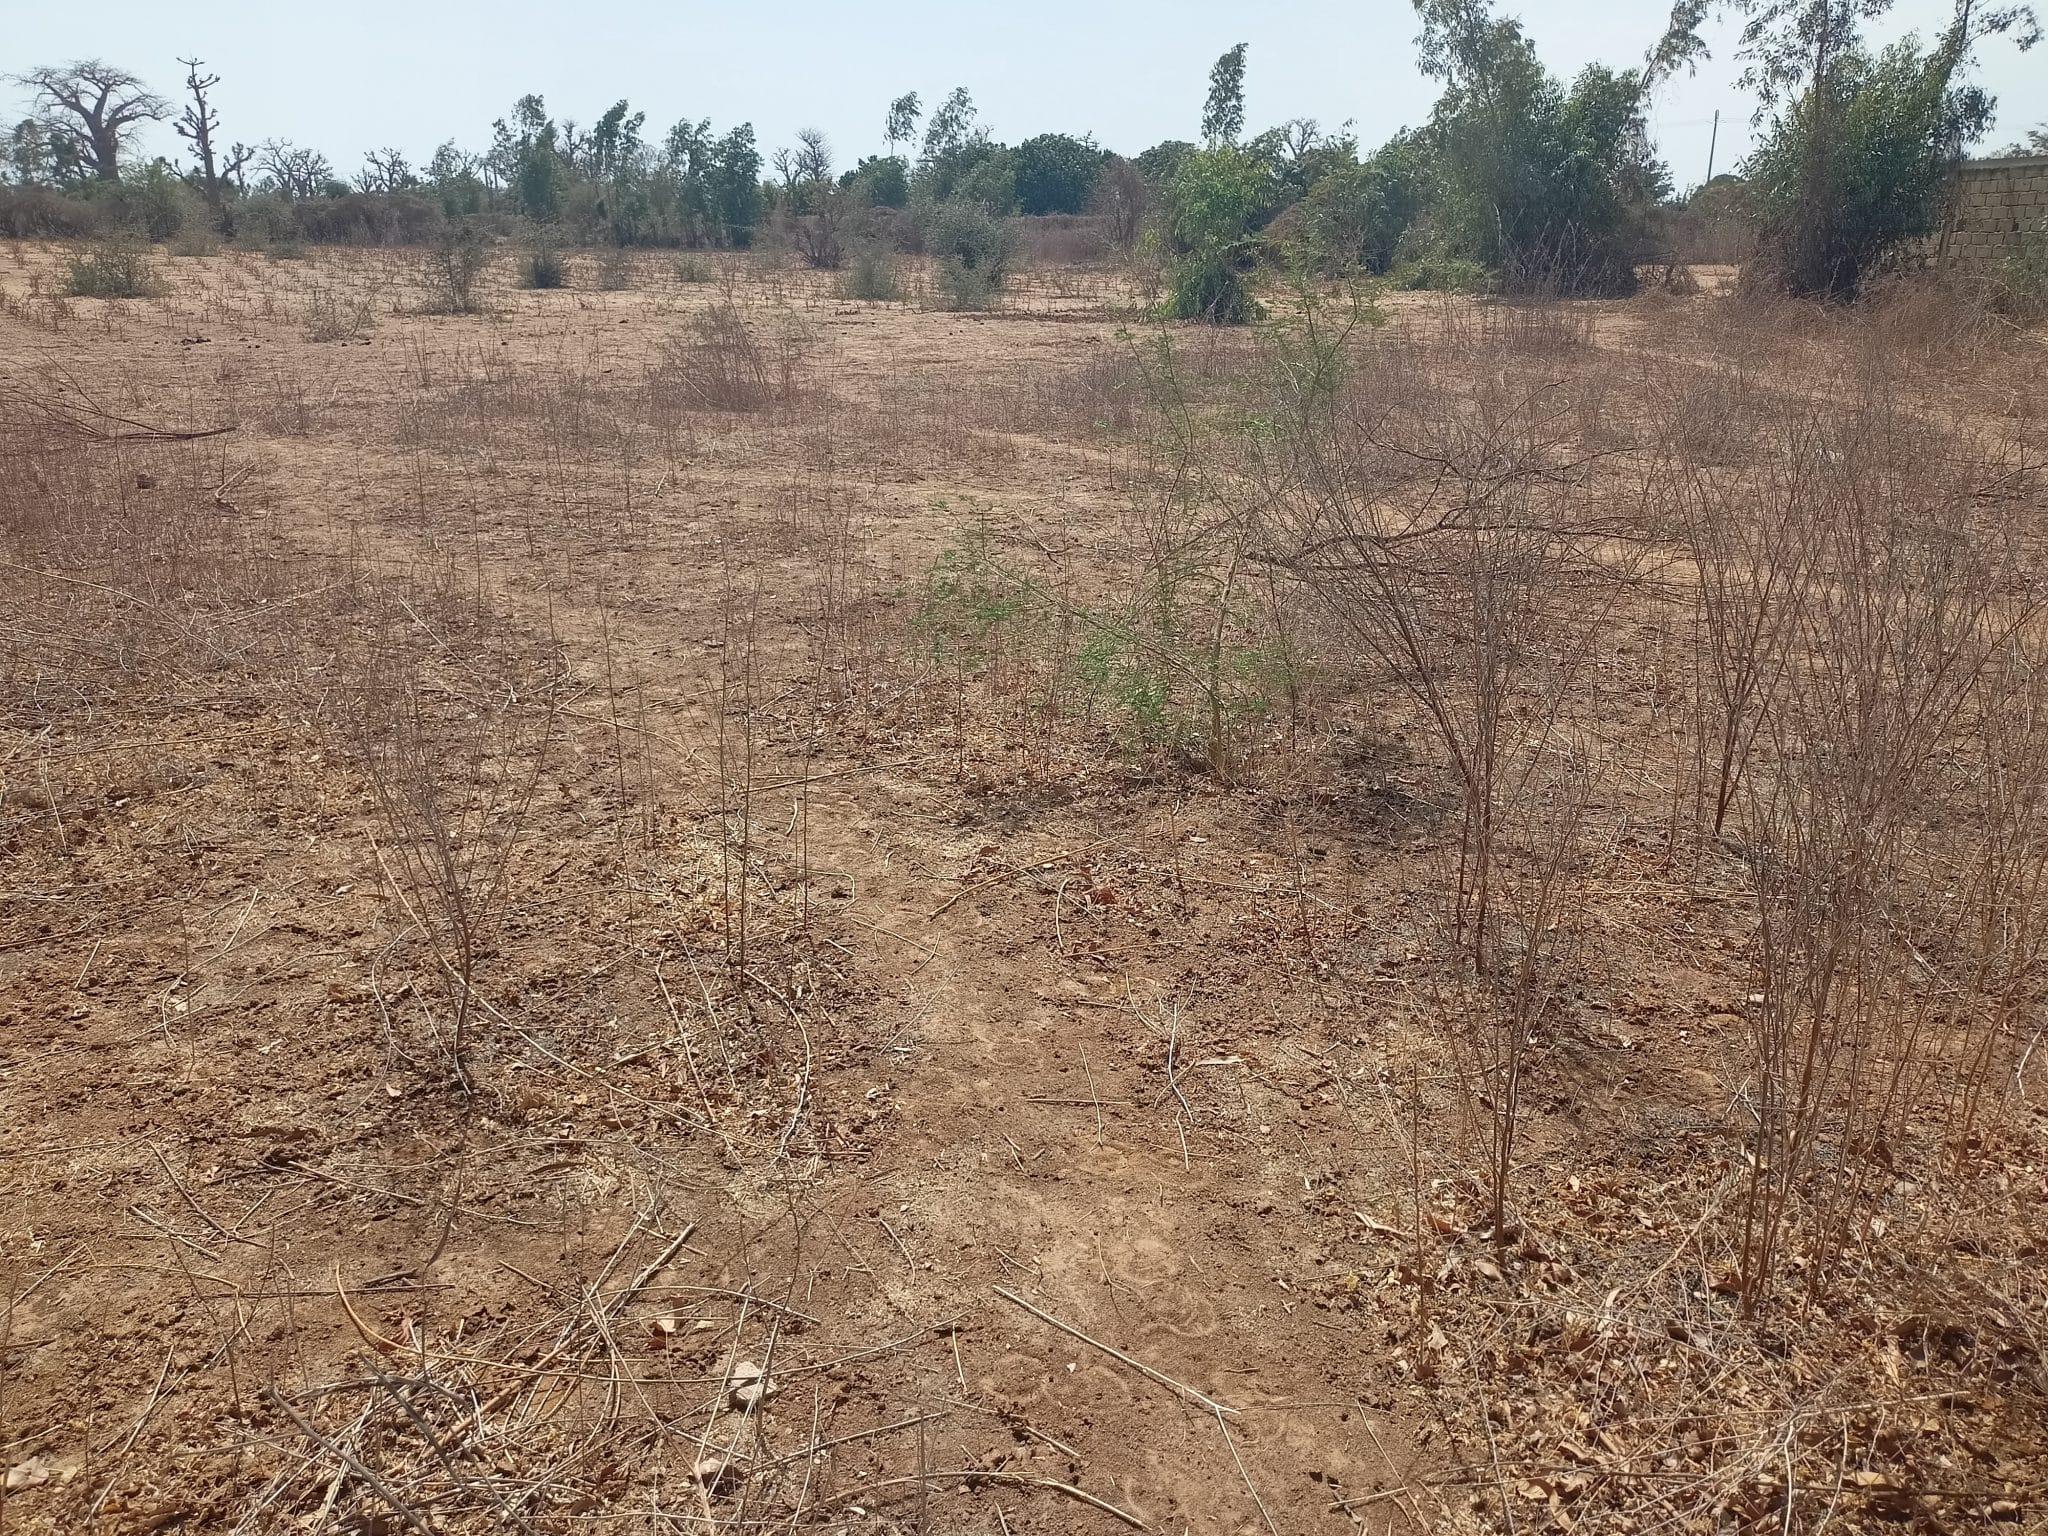 Terrain à vendre Kirène 0.5 hectares RN2 Thies Senegal